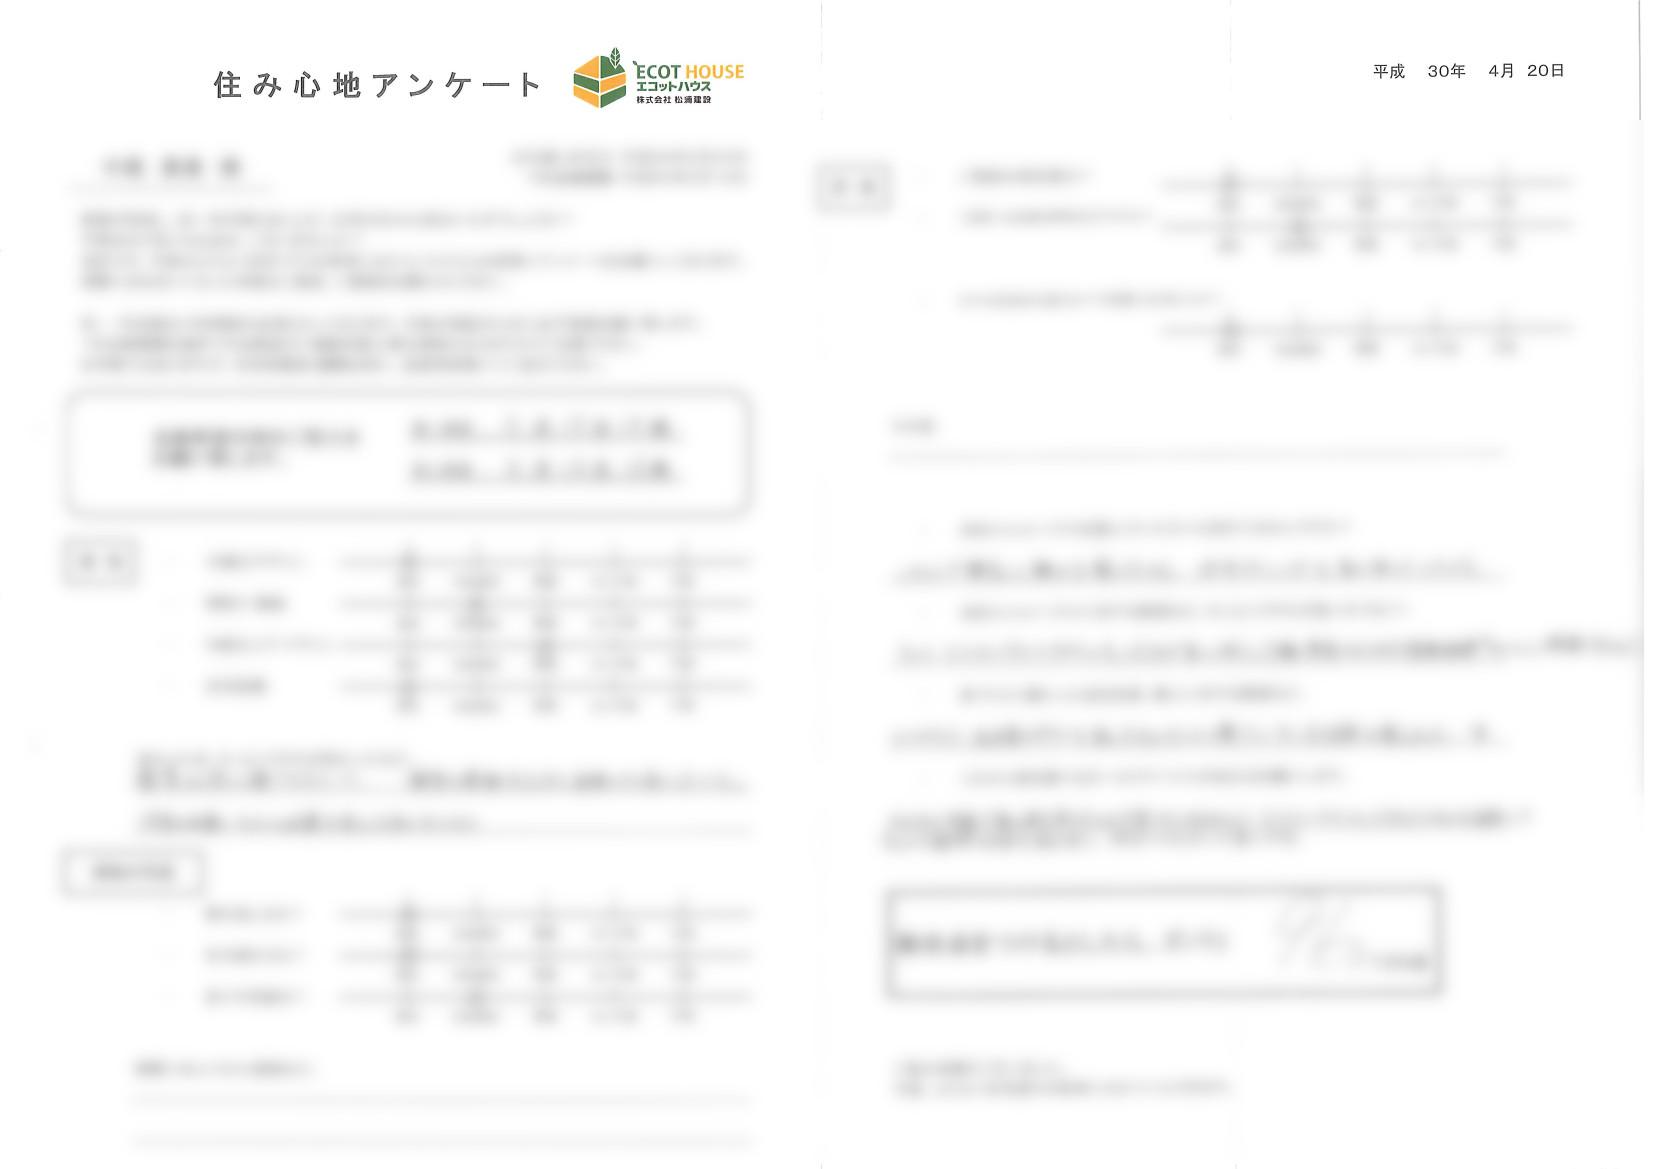 中尾勇貴様 1年アンケート